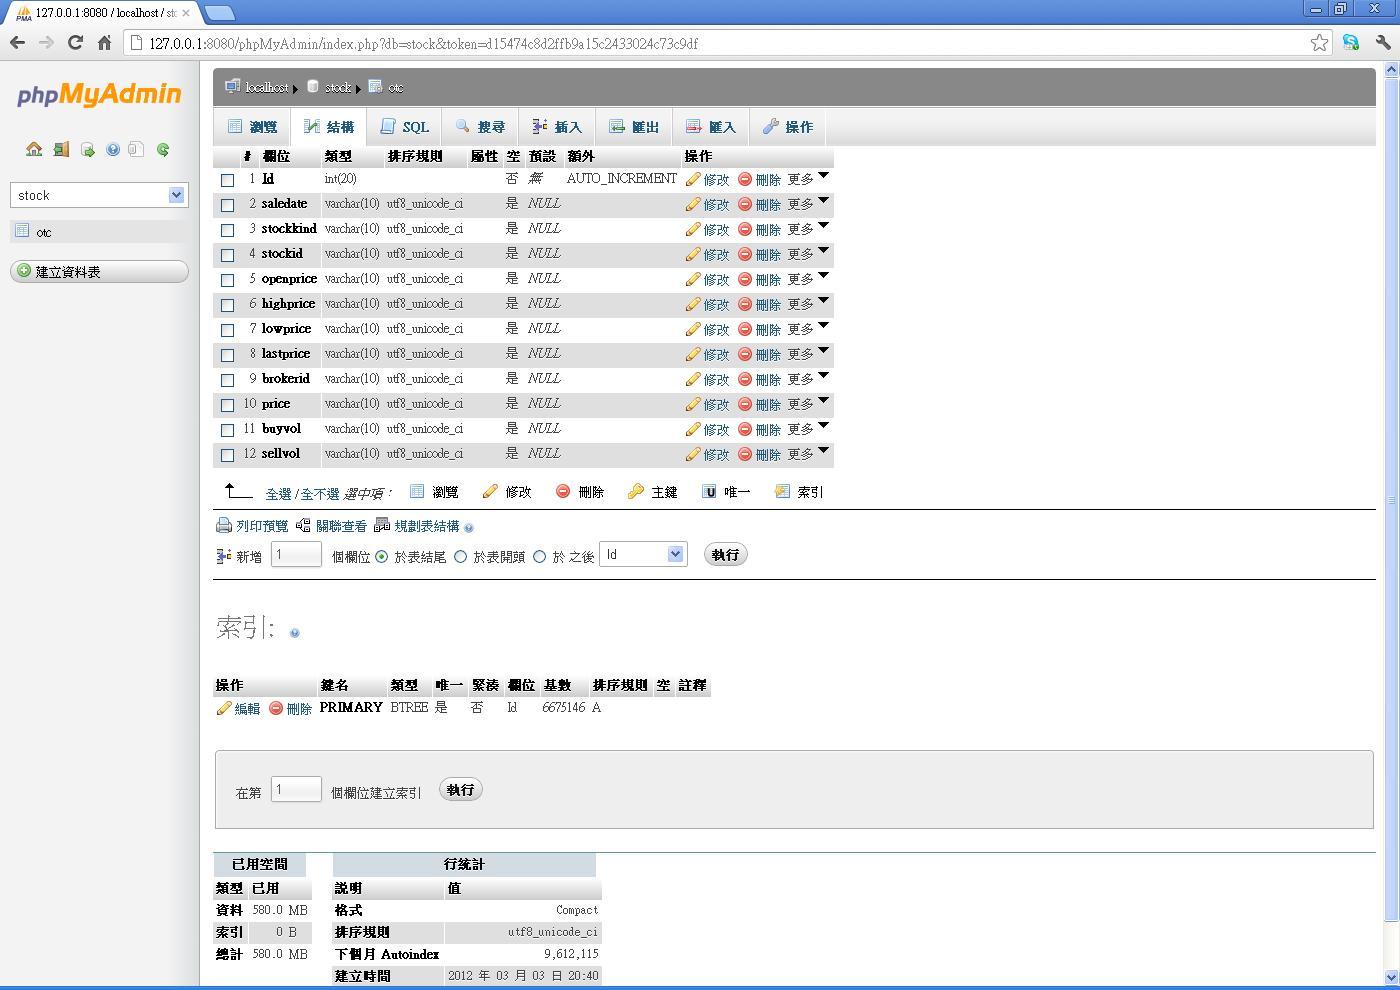 iInfo 資訊交流: Python匯入CSV檔到MySQL中